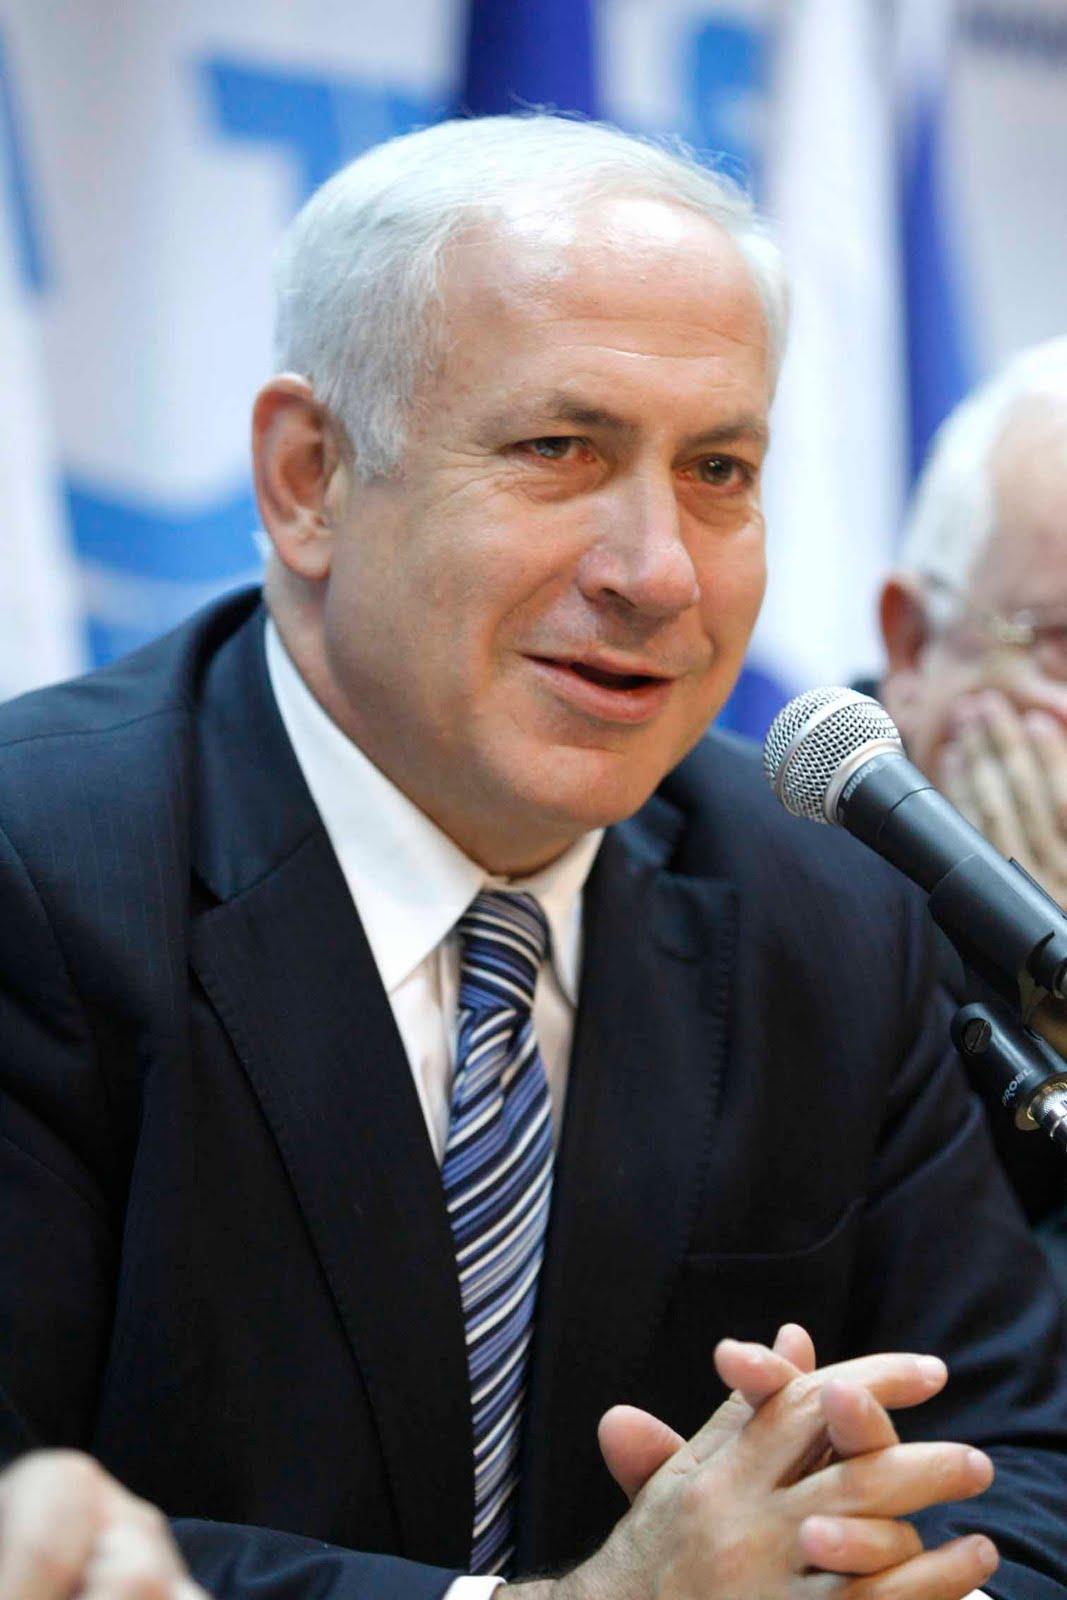 Prime Minister Israeli